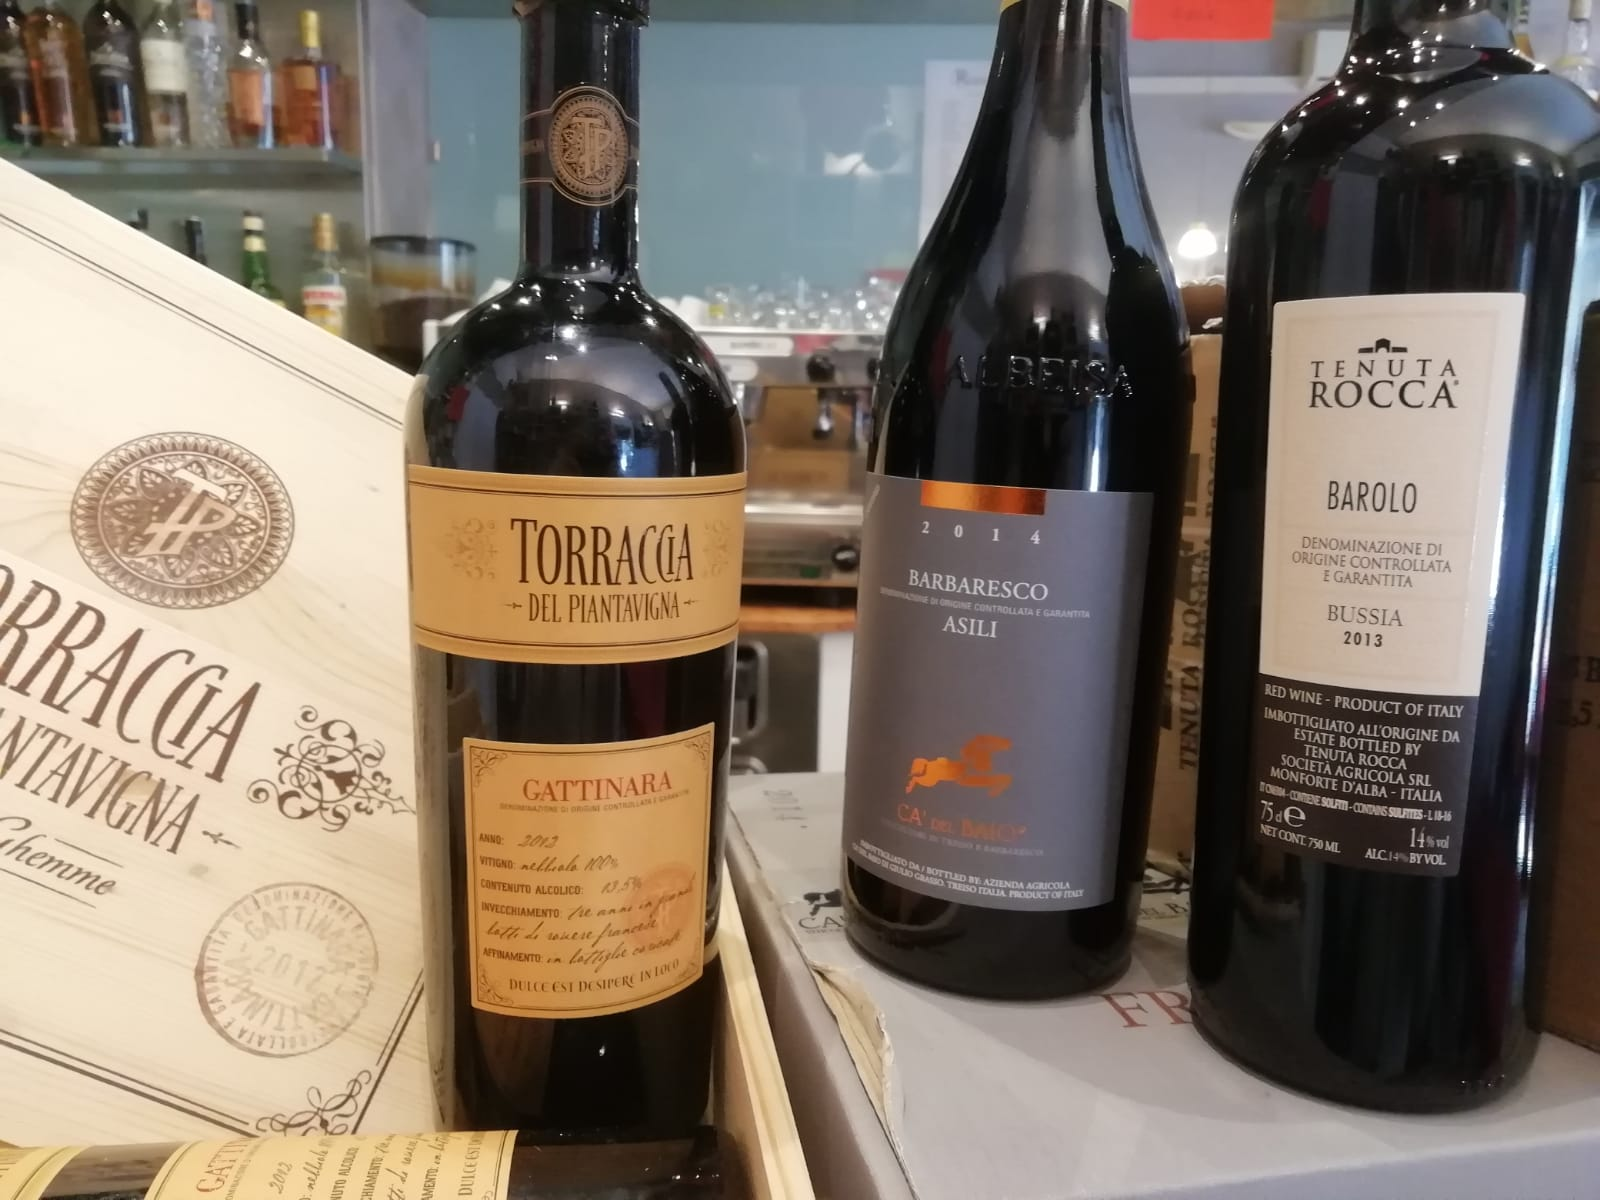 Rewind Rassegna Vitigni e Vini ecco i magnifici da uve Nebbiolo in programma venerdì 22 Febbraio